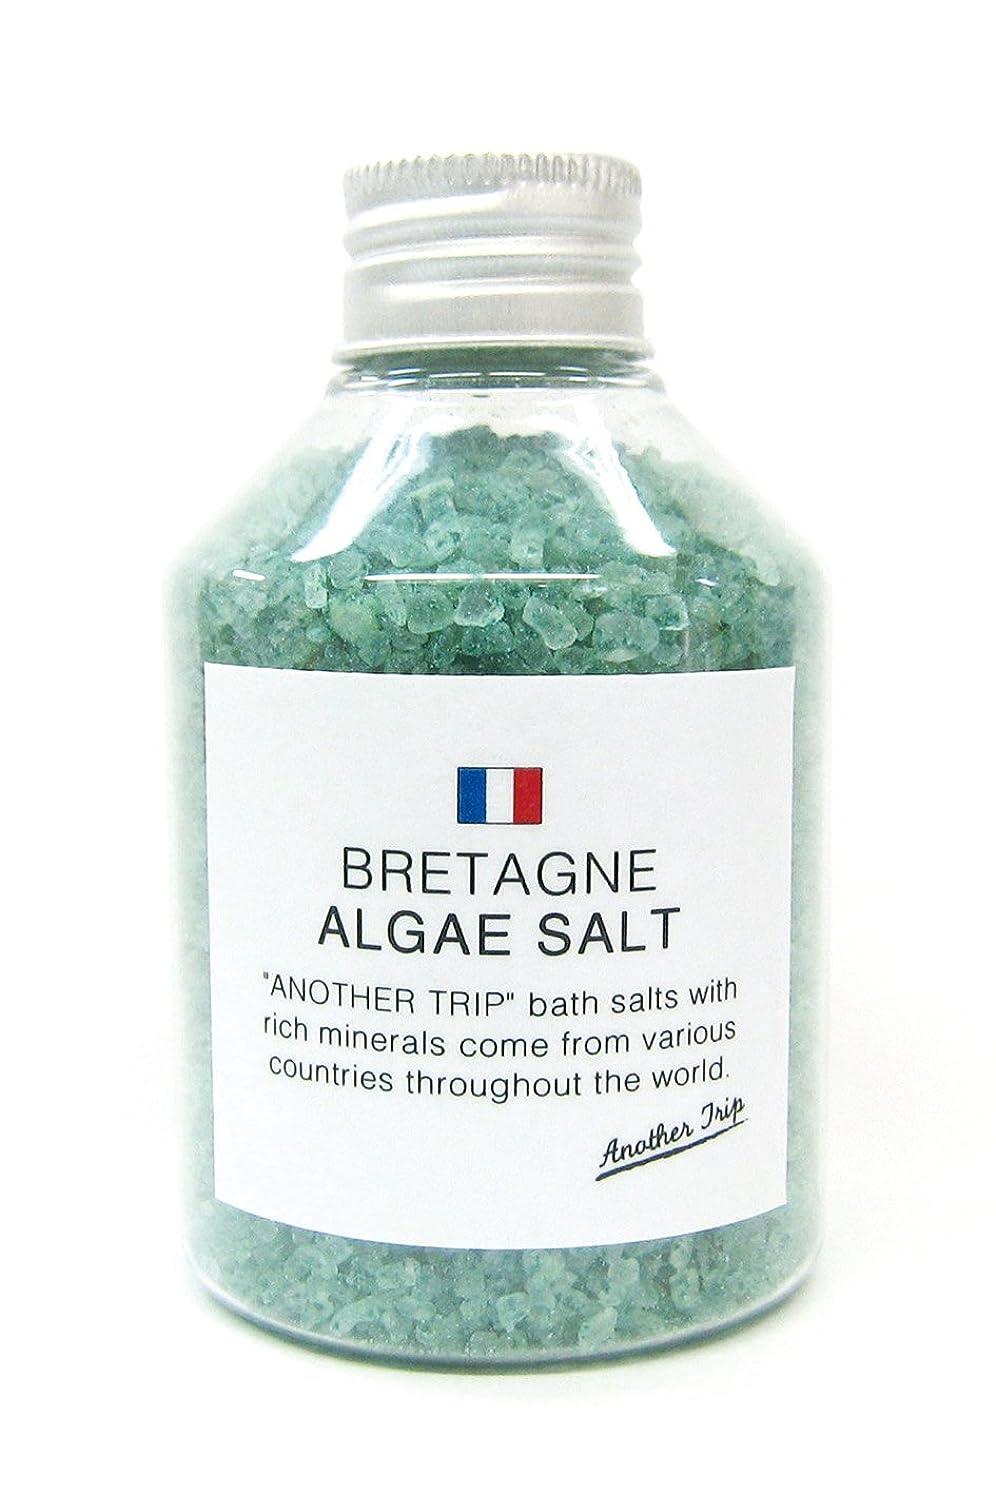 解体するコメント染色アナザートリップN ブルターニュアルグソルト 190g